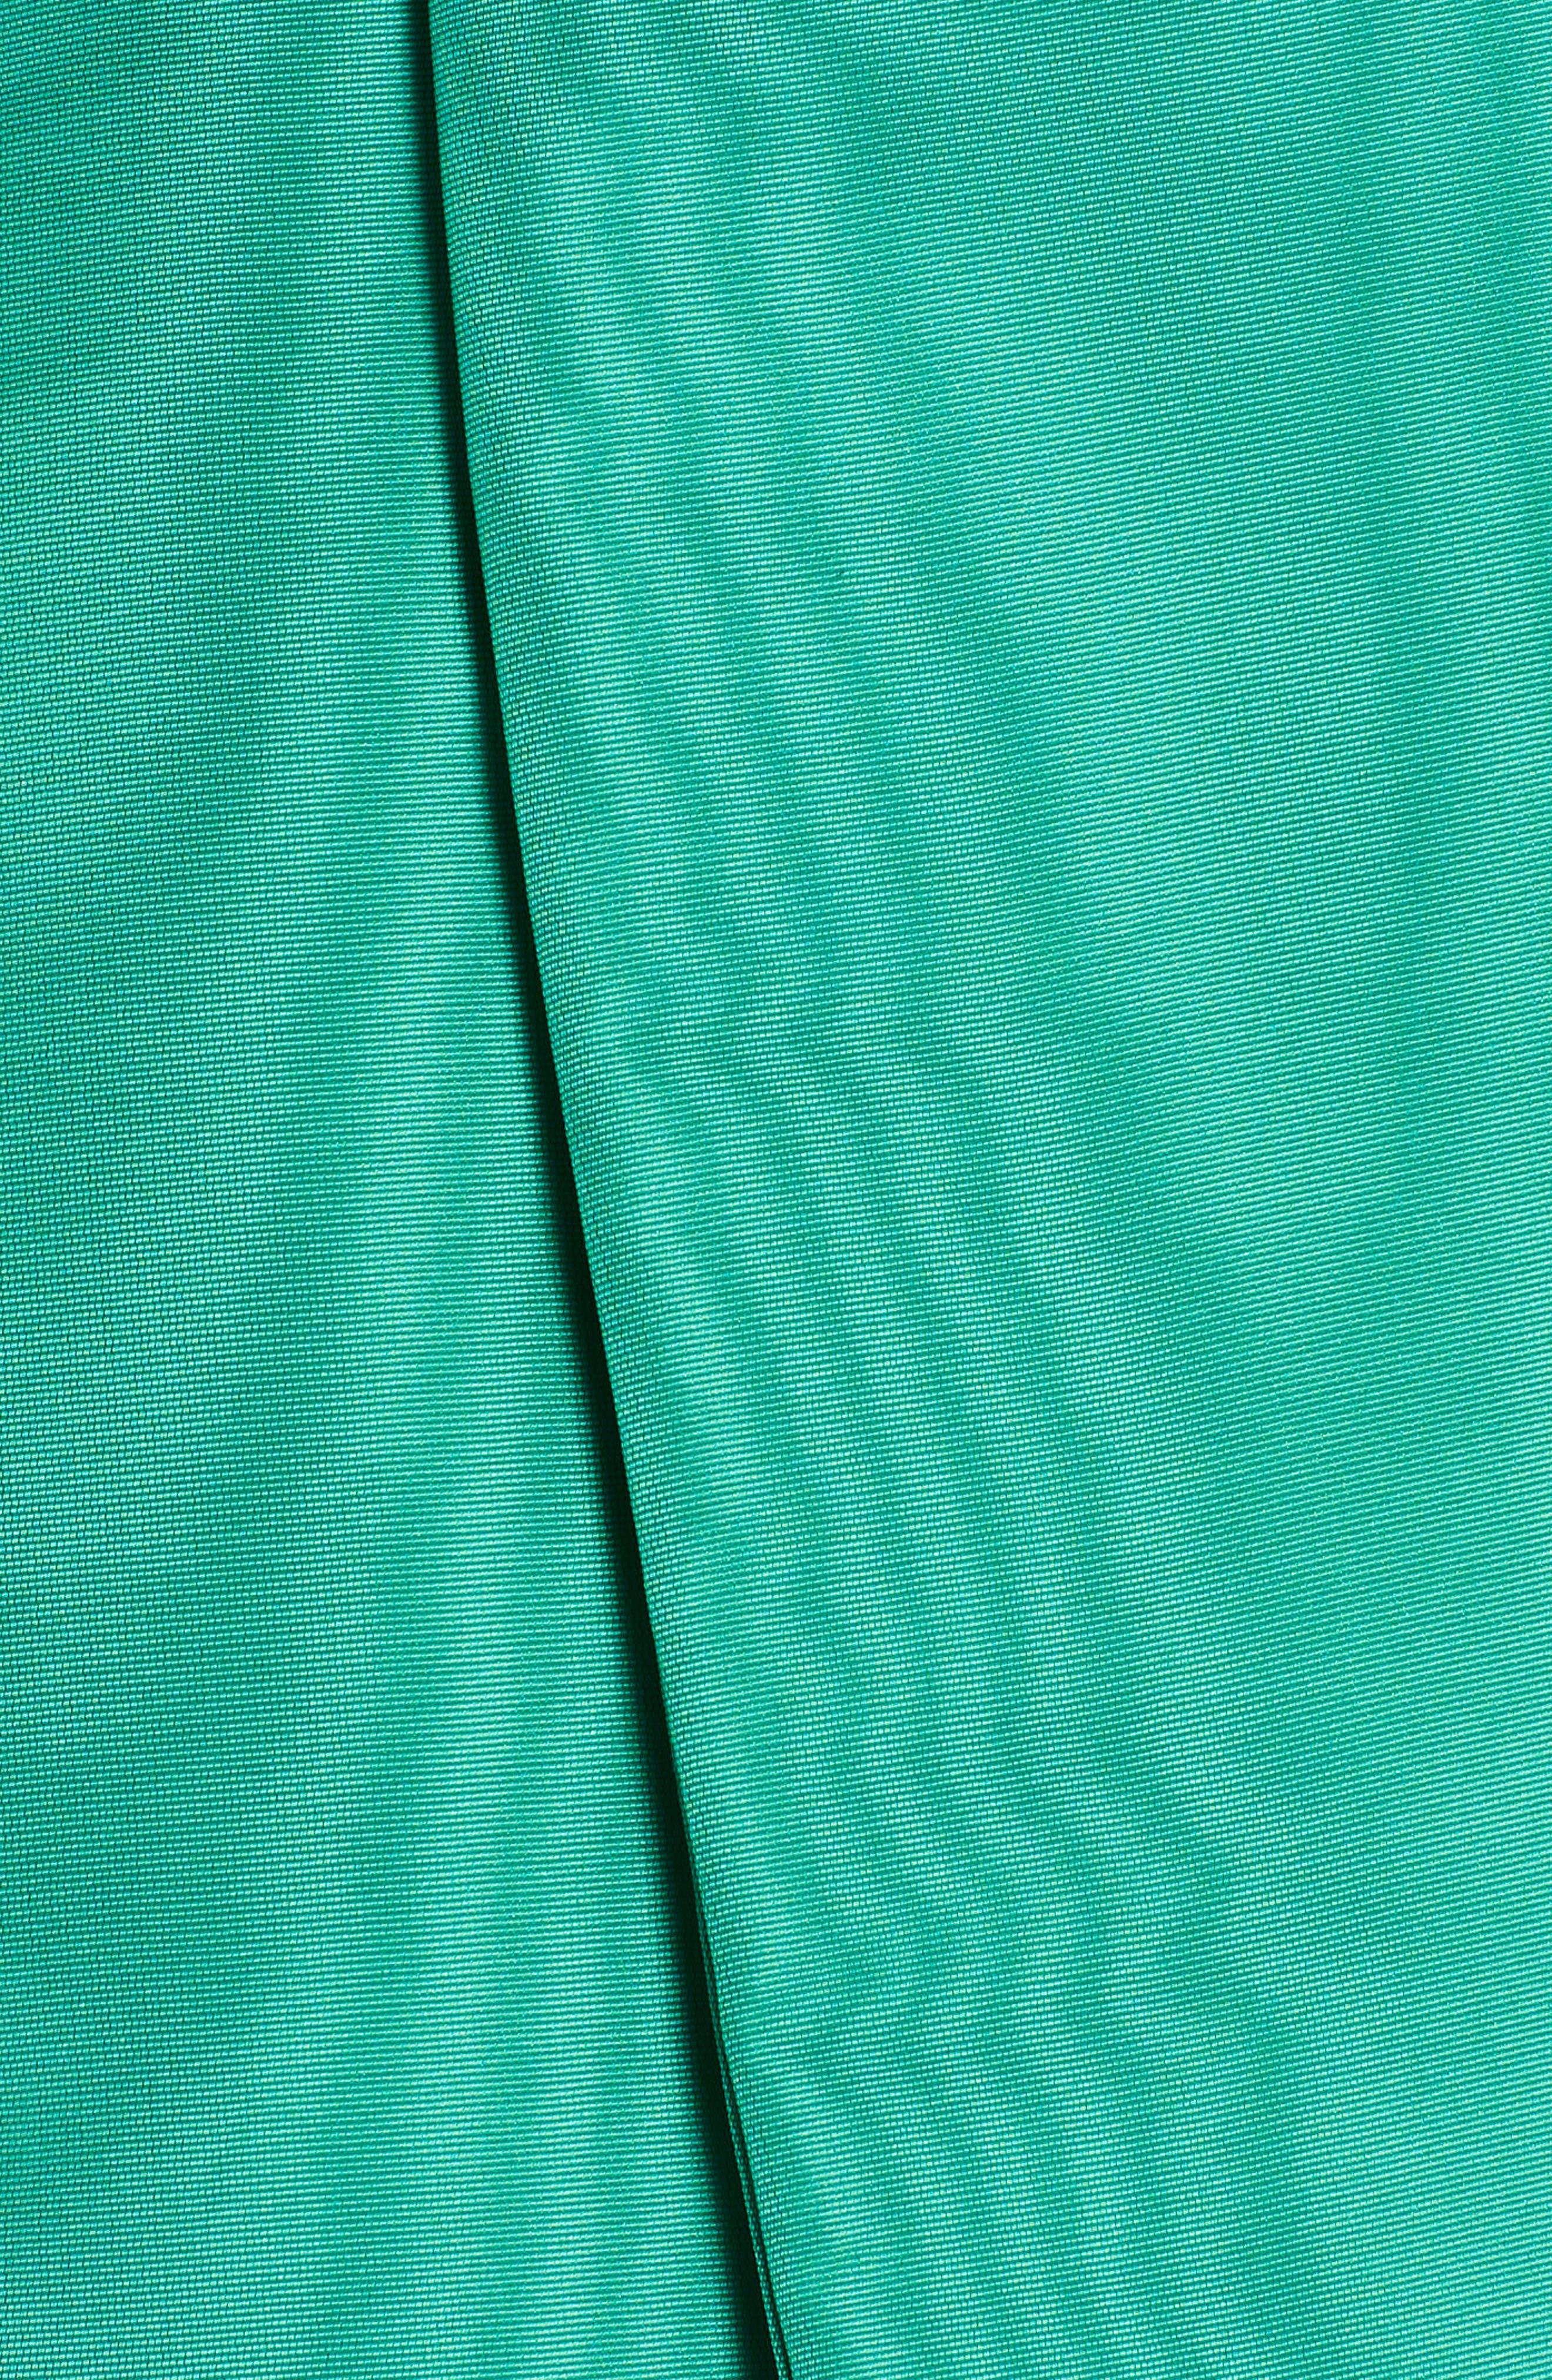 Popover Halter Dress,                             Alternate thumbnail 5, color,                             336